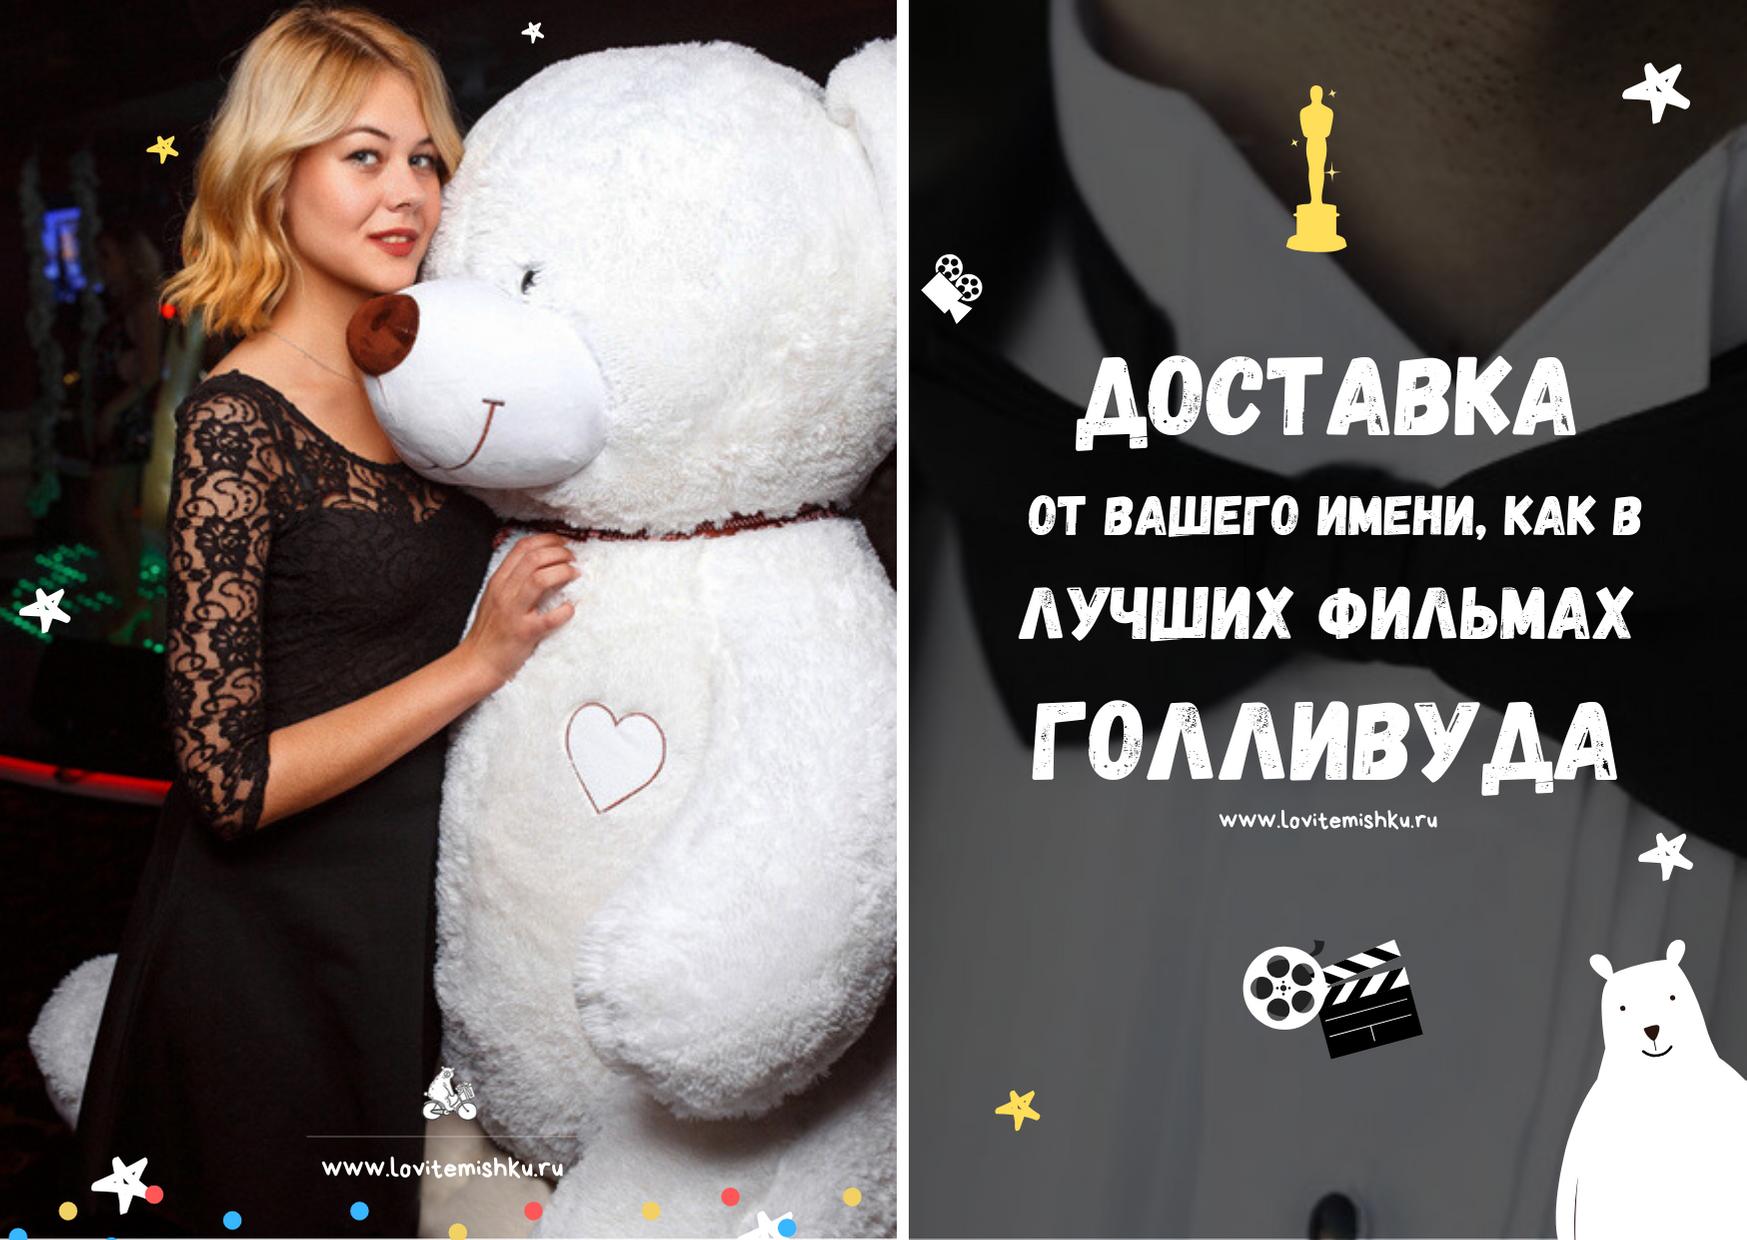 https://lovitemishku.ru/images/upload/dostavim-plyushevogo-medvedya-v-tule.png